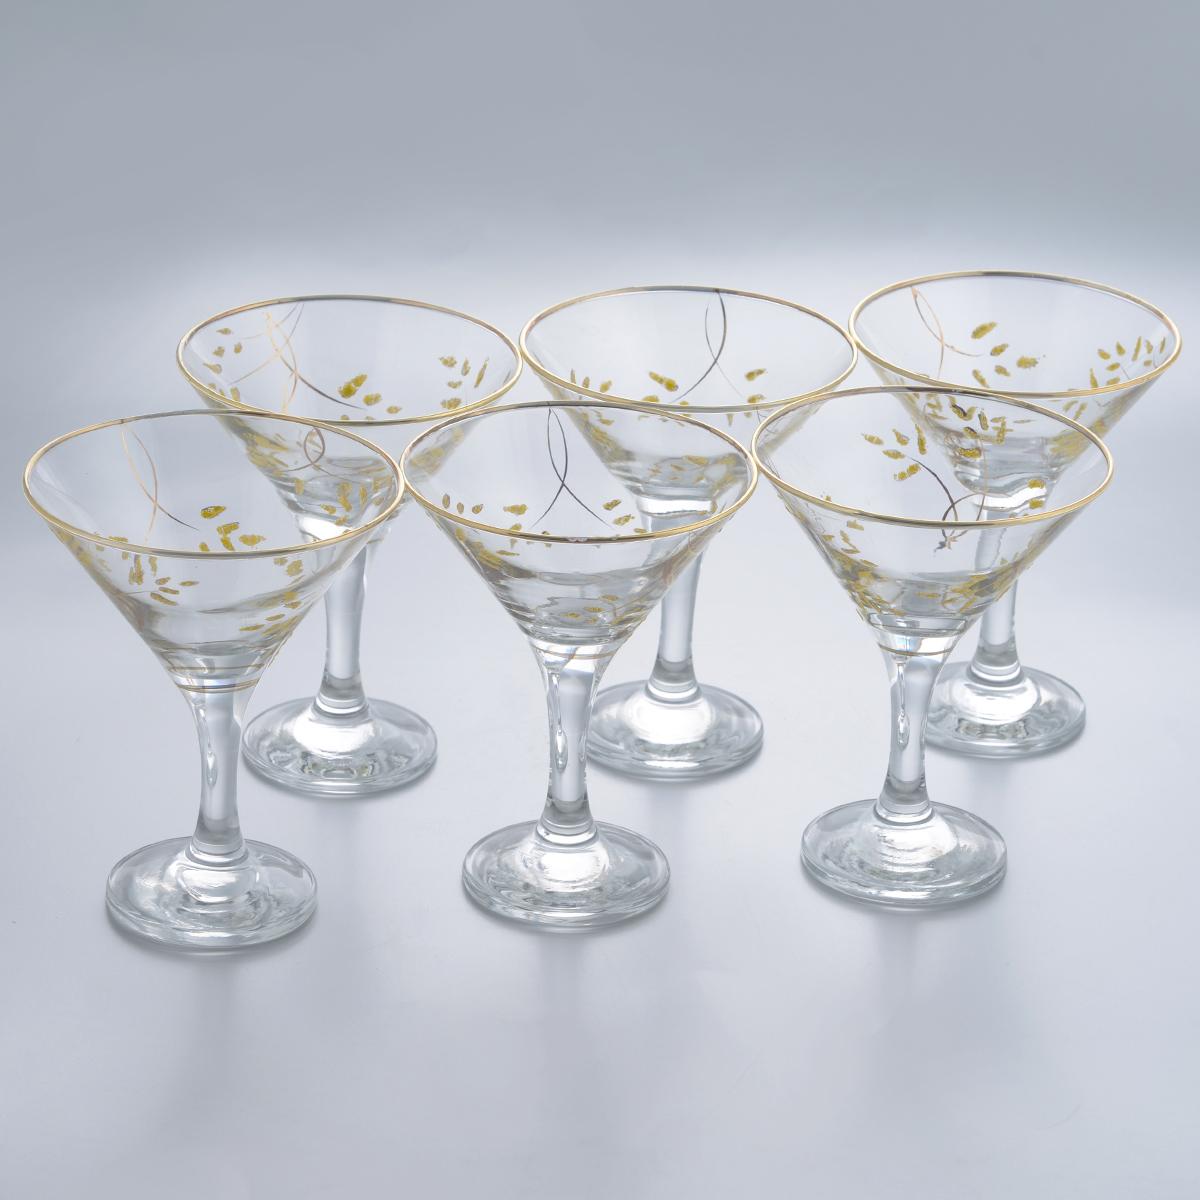 Набор бокалов для мартини Гусь-Хрустальный Колосок, 170 мл, 6 шт elvan потолочная люстра elvan md36504 5